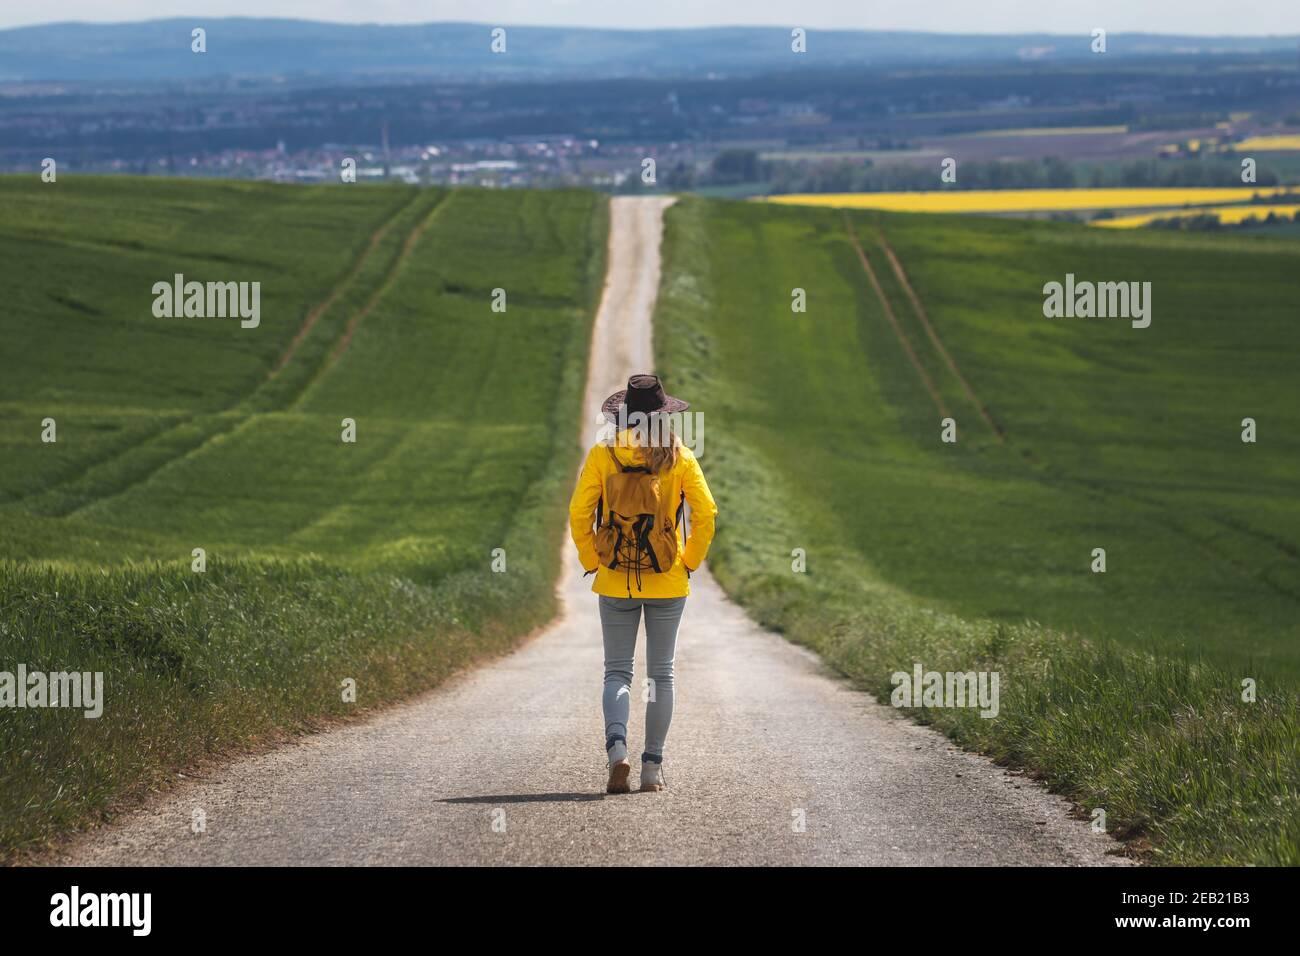 Largo viaje. Mujer de senderismo caminando en camino vacío. Hiker con sombrero y mochila con chaqueta impermeable amarilla. Concepto de viaje. Alejándose de ella Foto de stock